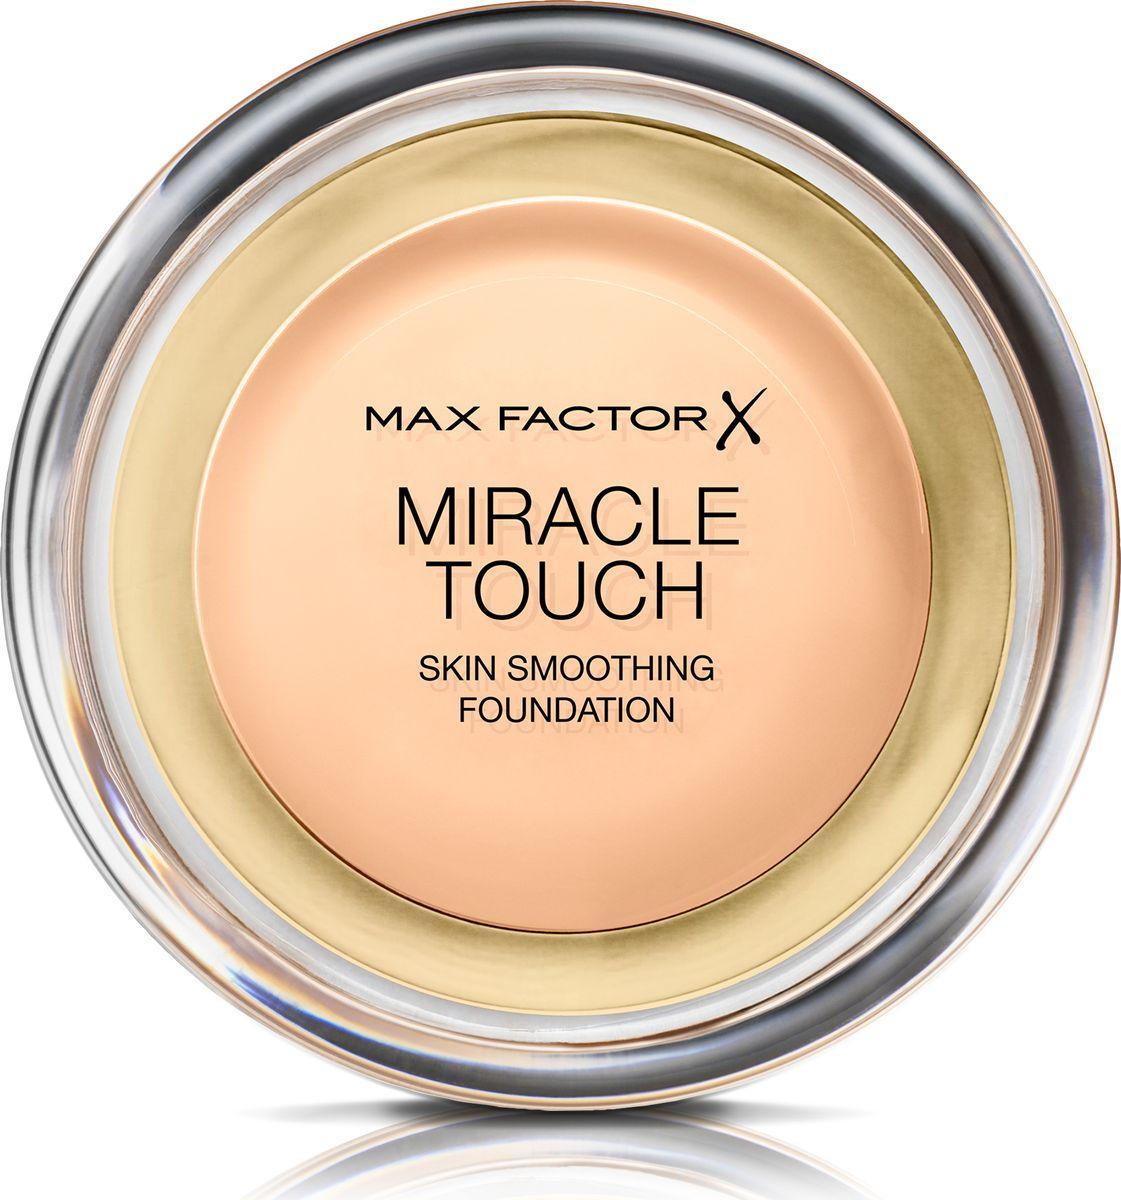 Max Factor Тональная Основа Miracle Touch Тон 40 creamy ivory 11,5 гр81055Уникальная универсальная тональная основа MaxFactorMiracleTouch обладает кремообразной формулой, благодаря которой превосходно подготовить кожу для макияжа очень легко. Всего один слой без необходимости нанесения консилера или пудры. Легкая твердая тональная основа тает в руках и гладко наносится на кожу, создавая идеальное, безупречно блестящее и равномерное покрытие, не слишком прозрачное и не слишком плотное. В результате кожа выглядит свежей, необычайно ровной и приобретает сияние. Чтобы создать безупречное покрытие, можно нанести всего один легкий слой тональной основы или же сделать покрытие более плотным благодаря специальной формуле. Тональная основа подходит для всех типов кожи, включая чувствительную кожу, и не вызывает угревой сыпи, так как не закупоривает поры. Спонж в комплекте для простого и аккуратного нанесения где угодно. Идеальное покрытие в один слой- консилер и пудра не нужны. Умеренное или плотное покрытие благодаря специальной формуле. Не вызывает угревую сыпь и не закупоривает поры. Дерматологически протестировано, подходит для чувствительной кожи.Удобная компактная форма, которую легко держать в руках, со спонжем для быстрого и простого нанесения. Идеальный оттенок должен соответствовать тону кожи на линии подбородка. Для получения наиболее профессионального результата с помощью спонжа, входящего в комплект, нанеси тональную основу MiracleTouchLiquidIllusion и распредели ее от центра лица к краям. Чтобы скрыть темные круги и недостатки кожи, наноси основу краем спонжа. Всегда наноси продукт при ярком дневном освещении.